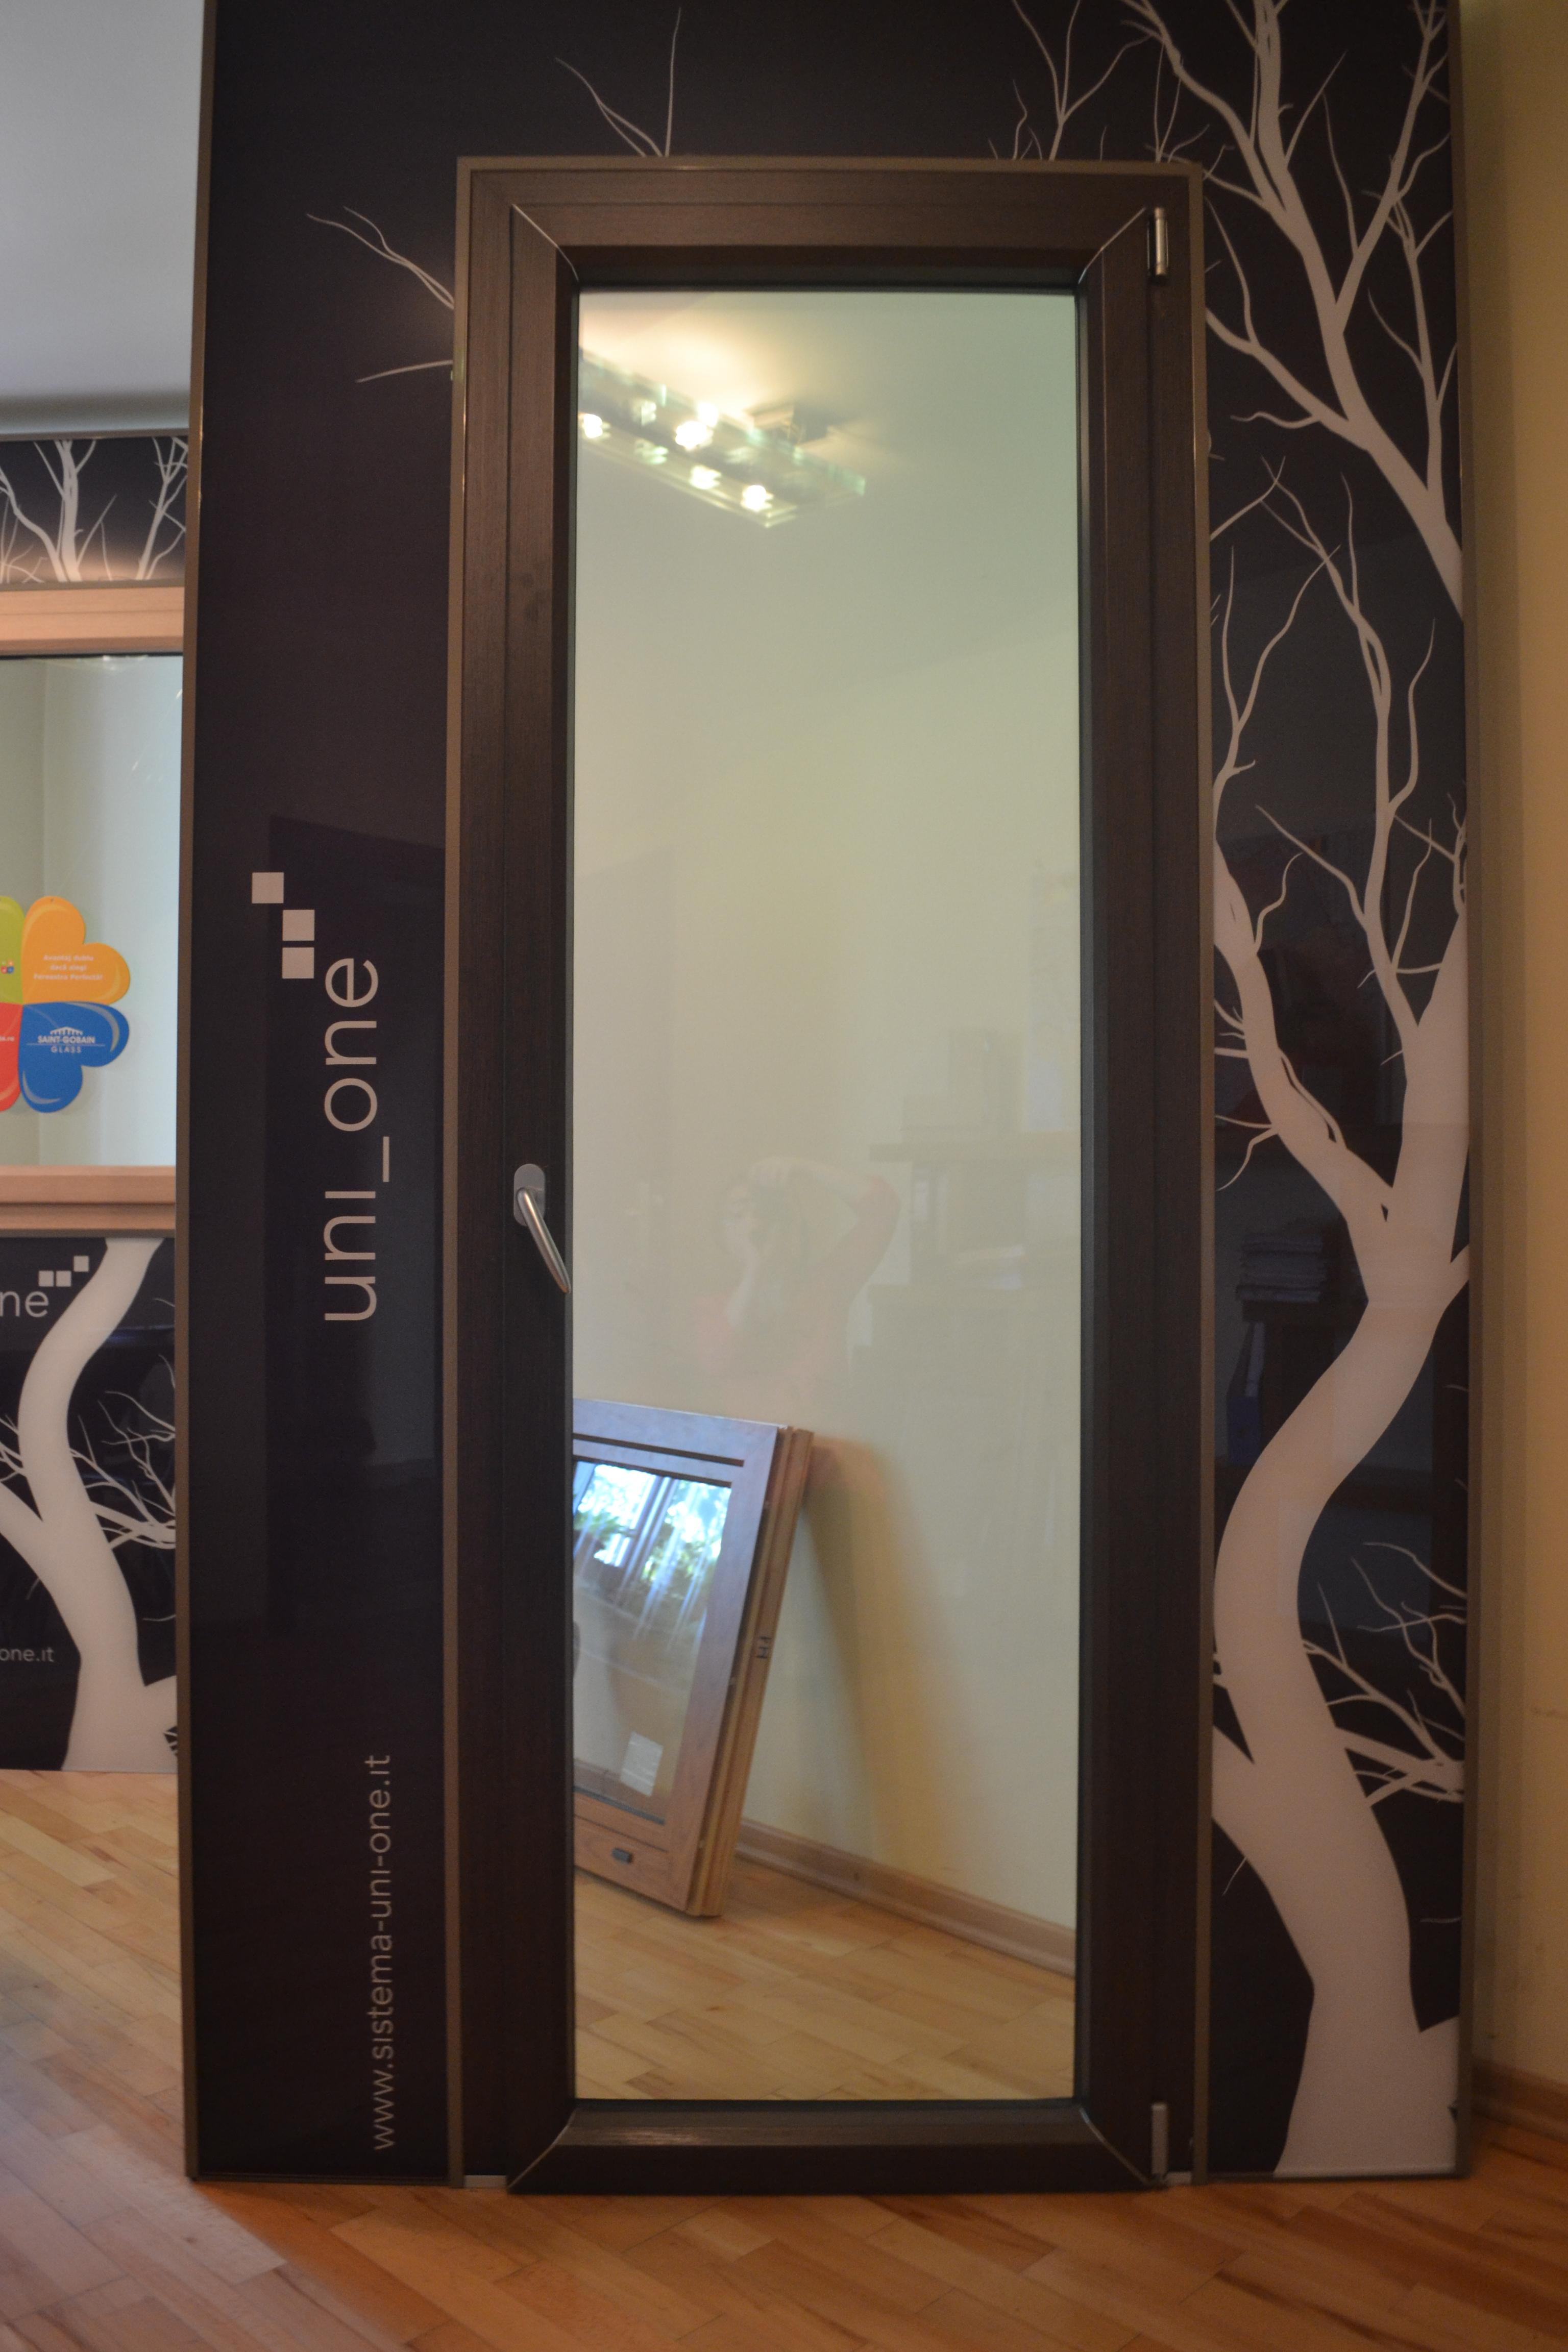 Usi de exterior din lemn-aluminiu  uni_one - Poza 5